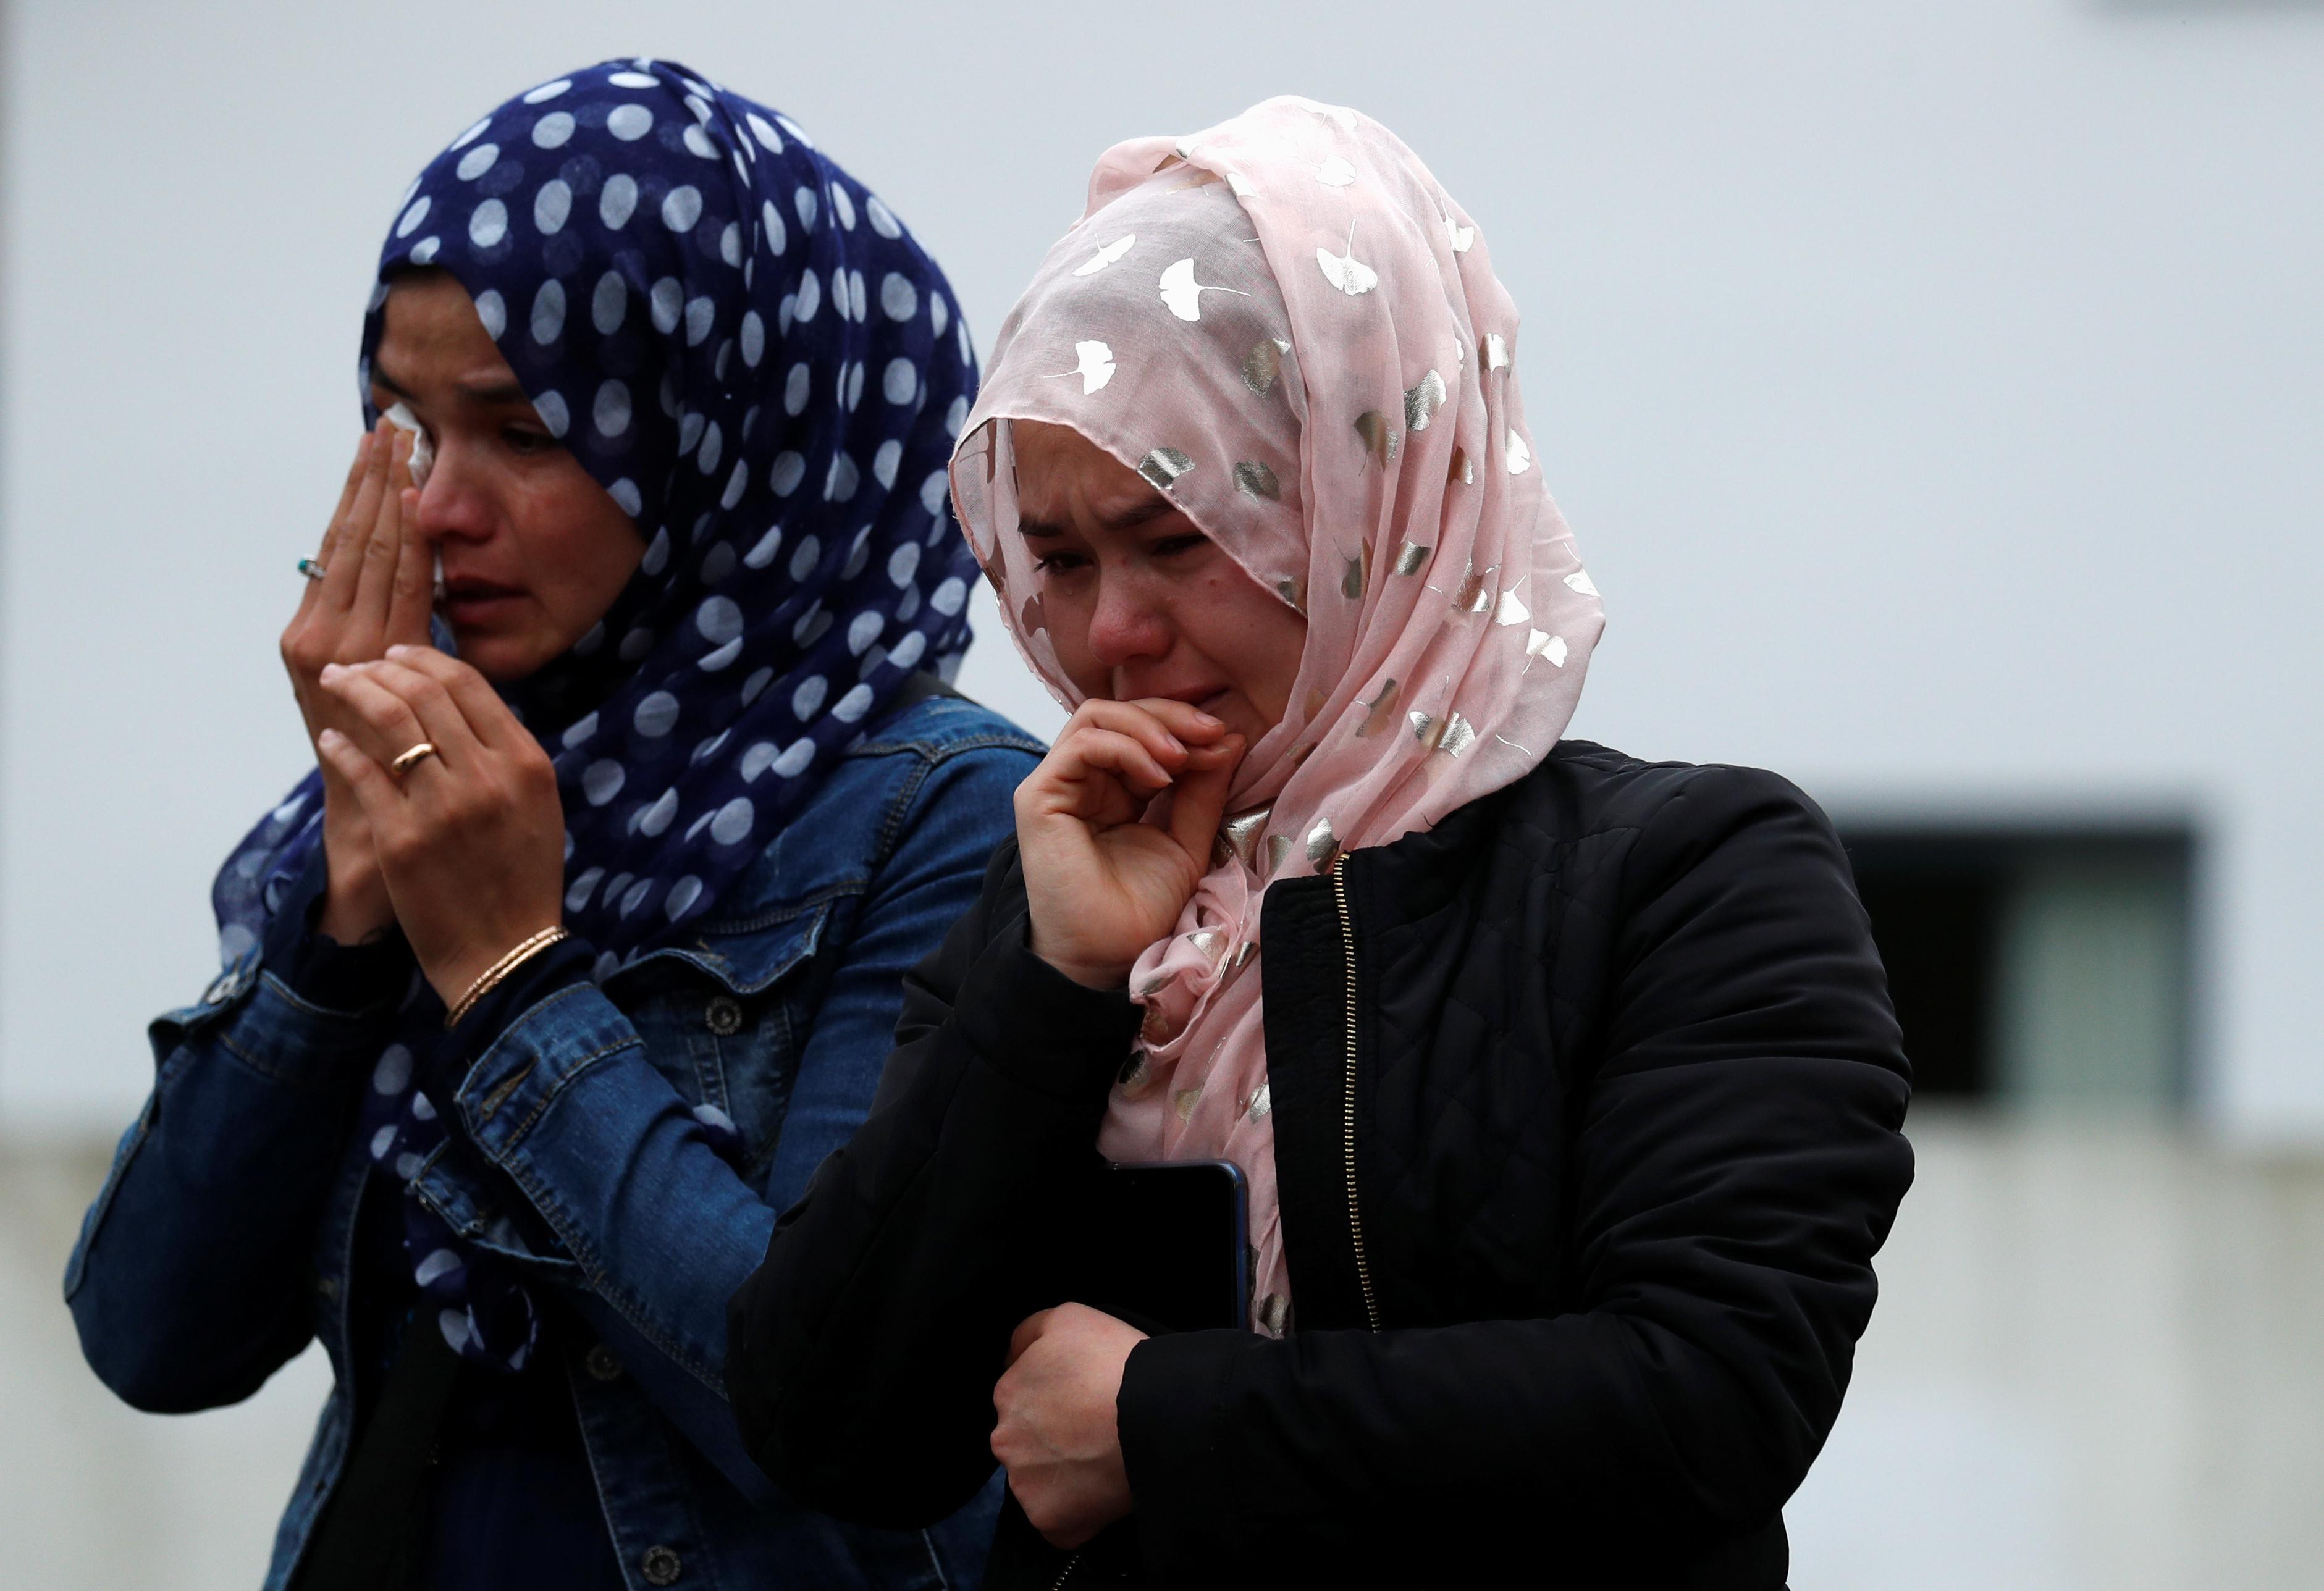 سيدات تبكين لفقدان ذويهم بالحادث الإرهابى